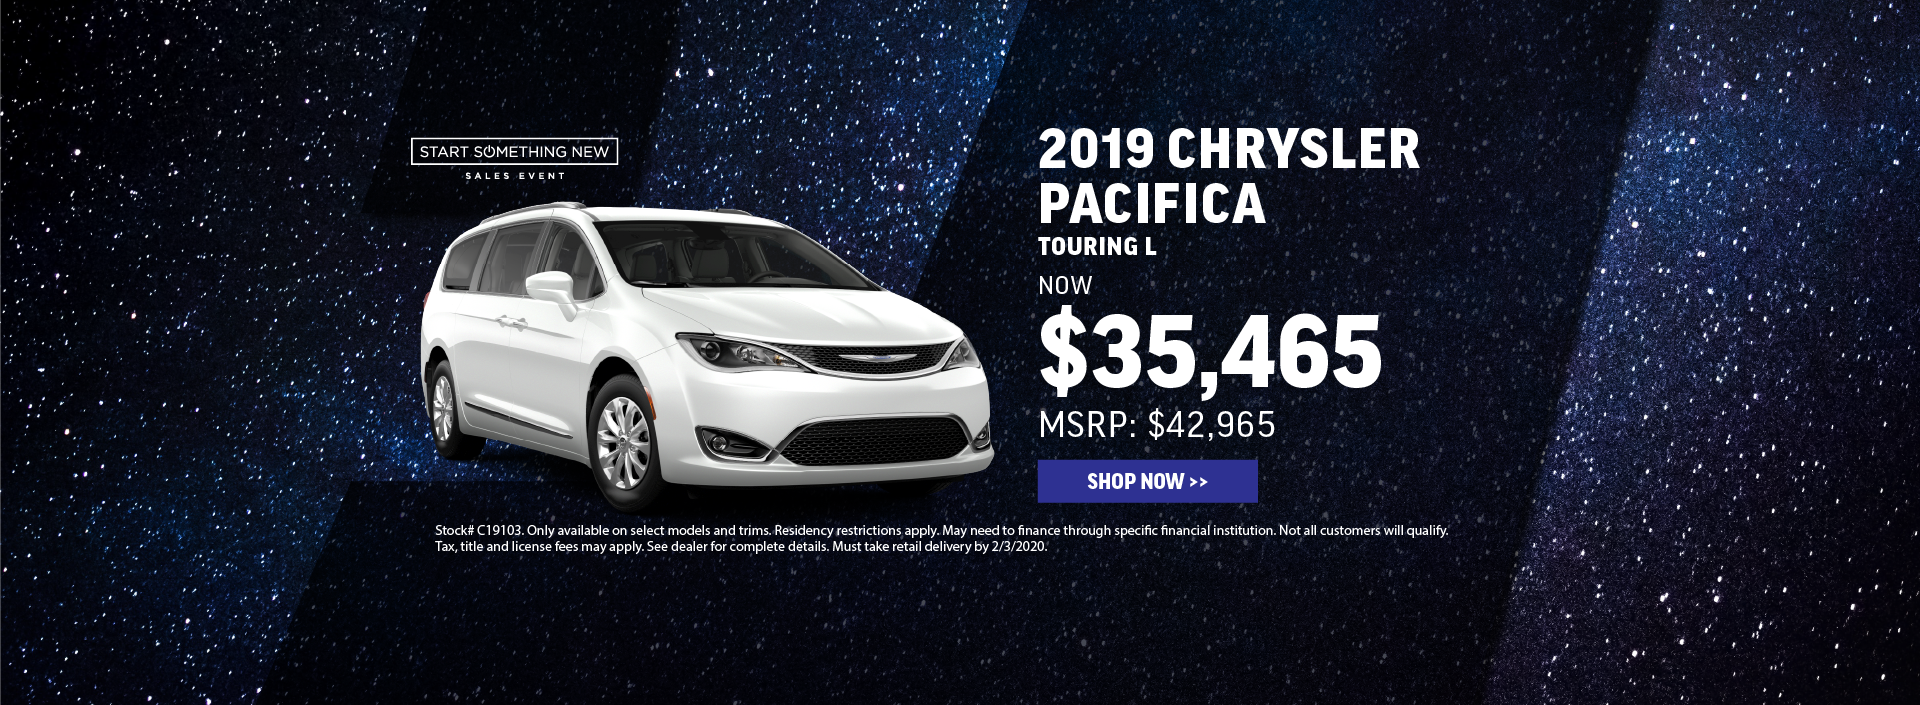 2019 Chrysler Pacifica Offer